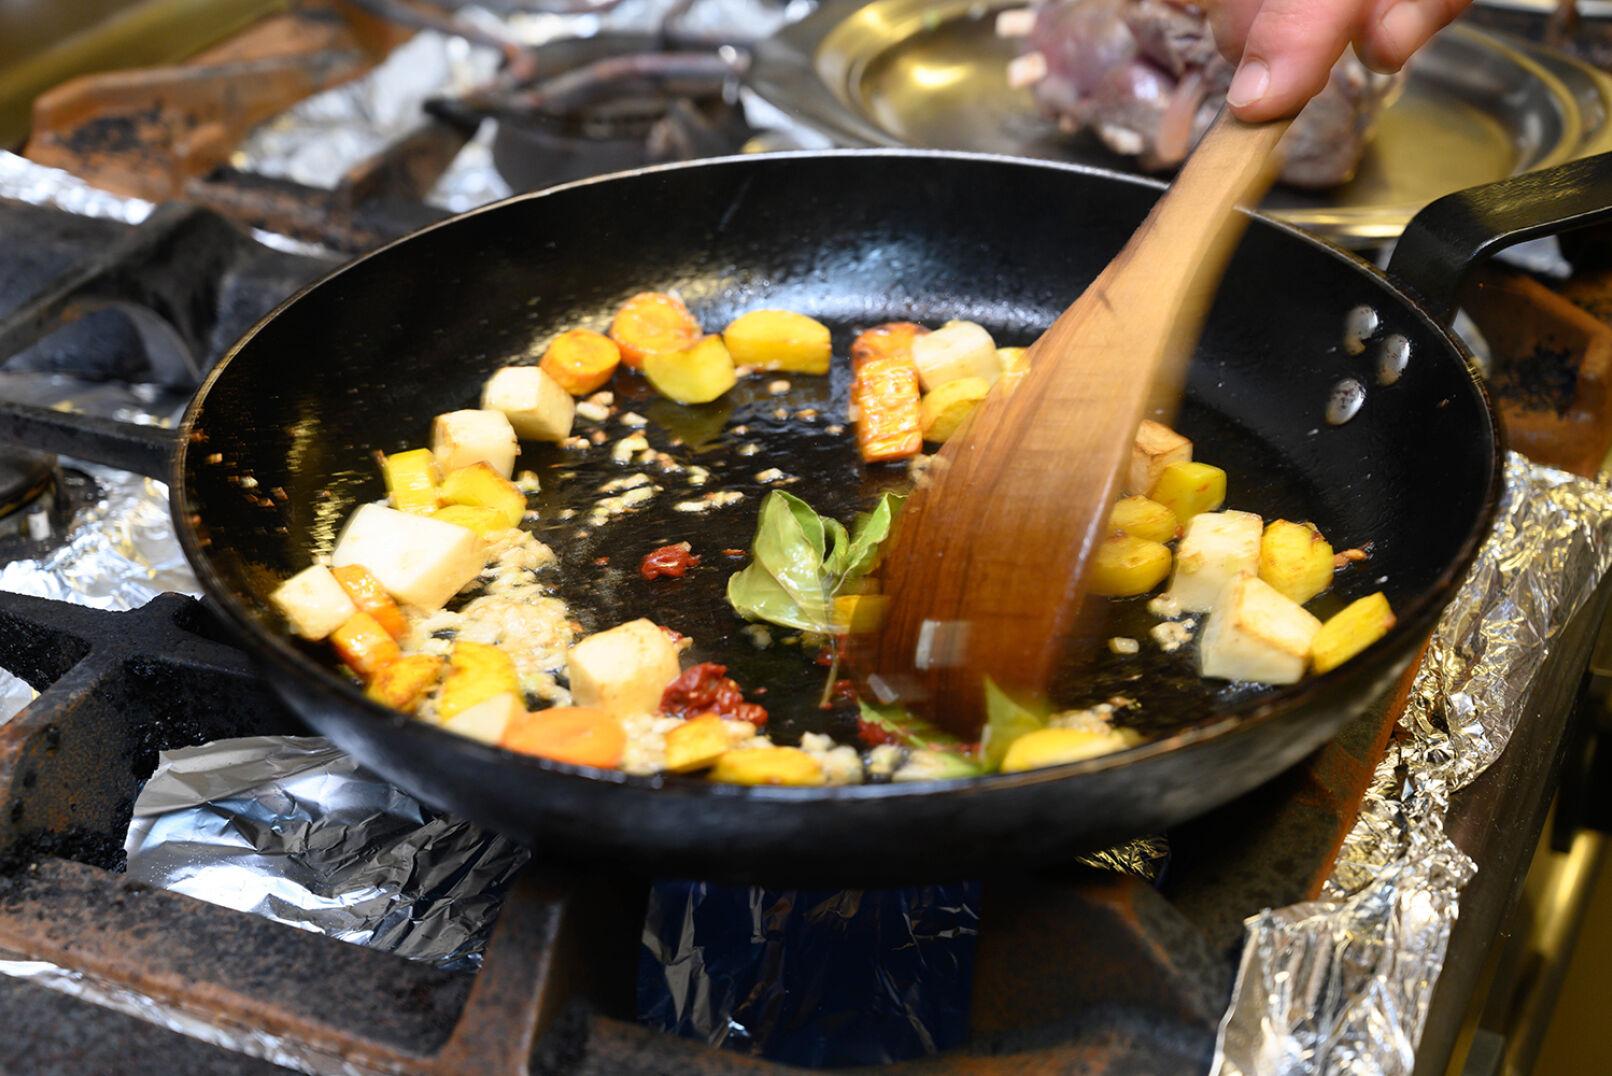 Zwiebel, Tomatenmark, Lorbeerblätter und Wacholder dazugeben, kurz durchbraten. - © Barbara Marko